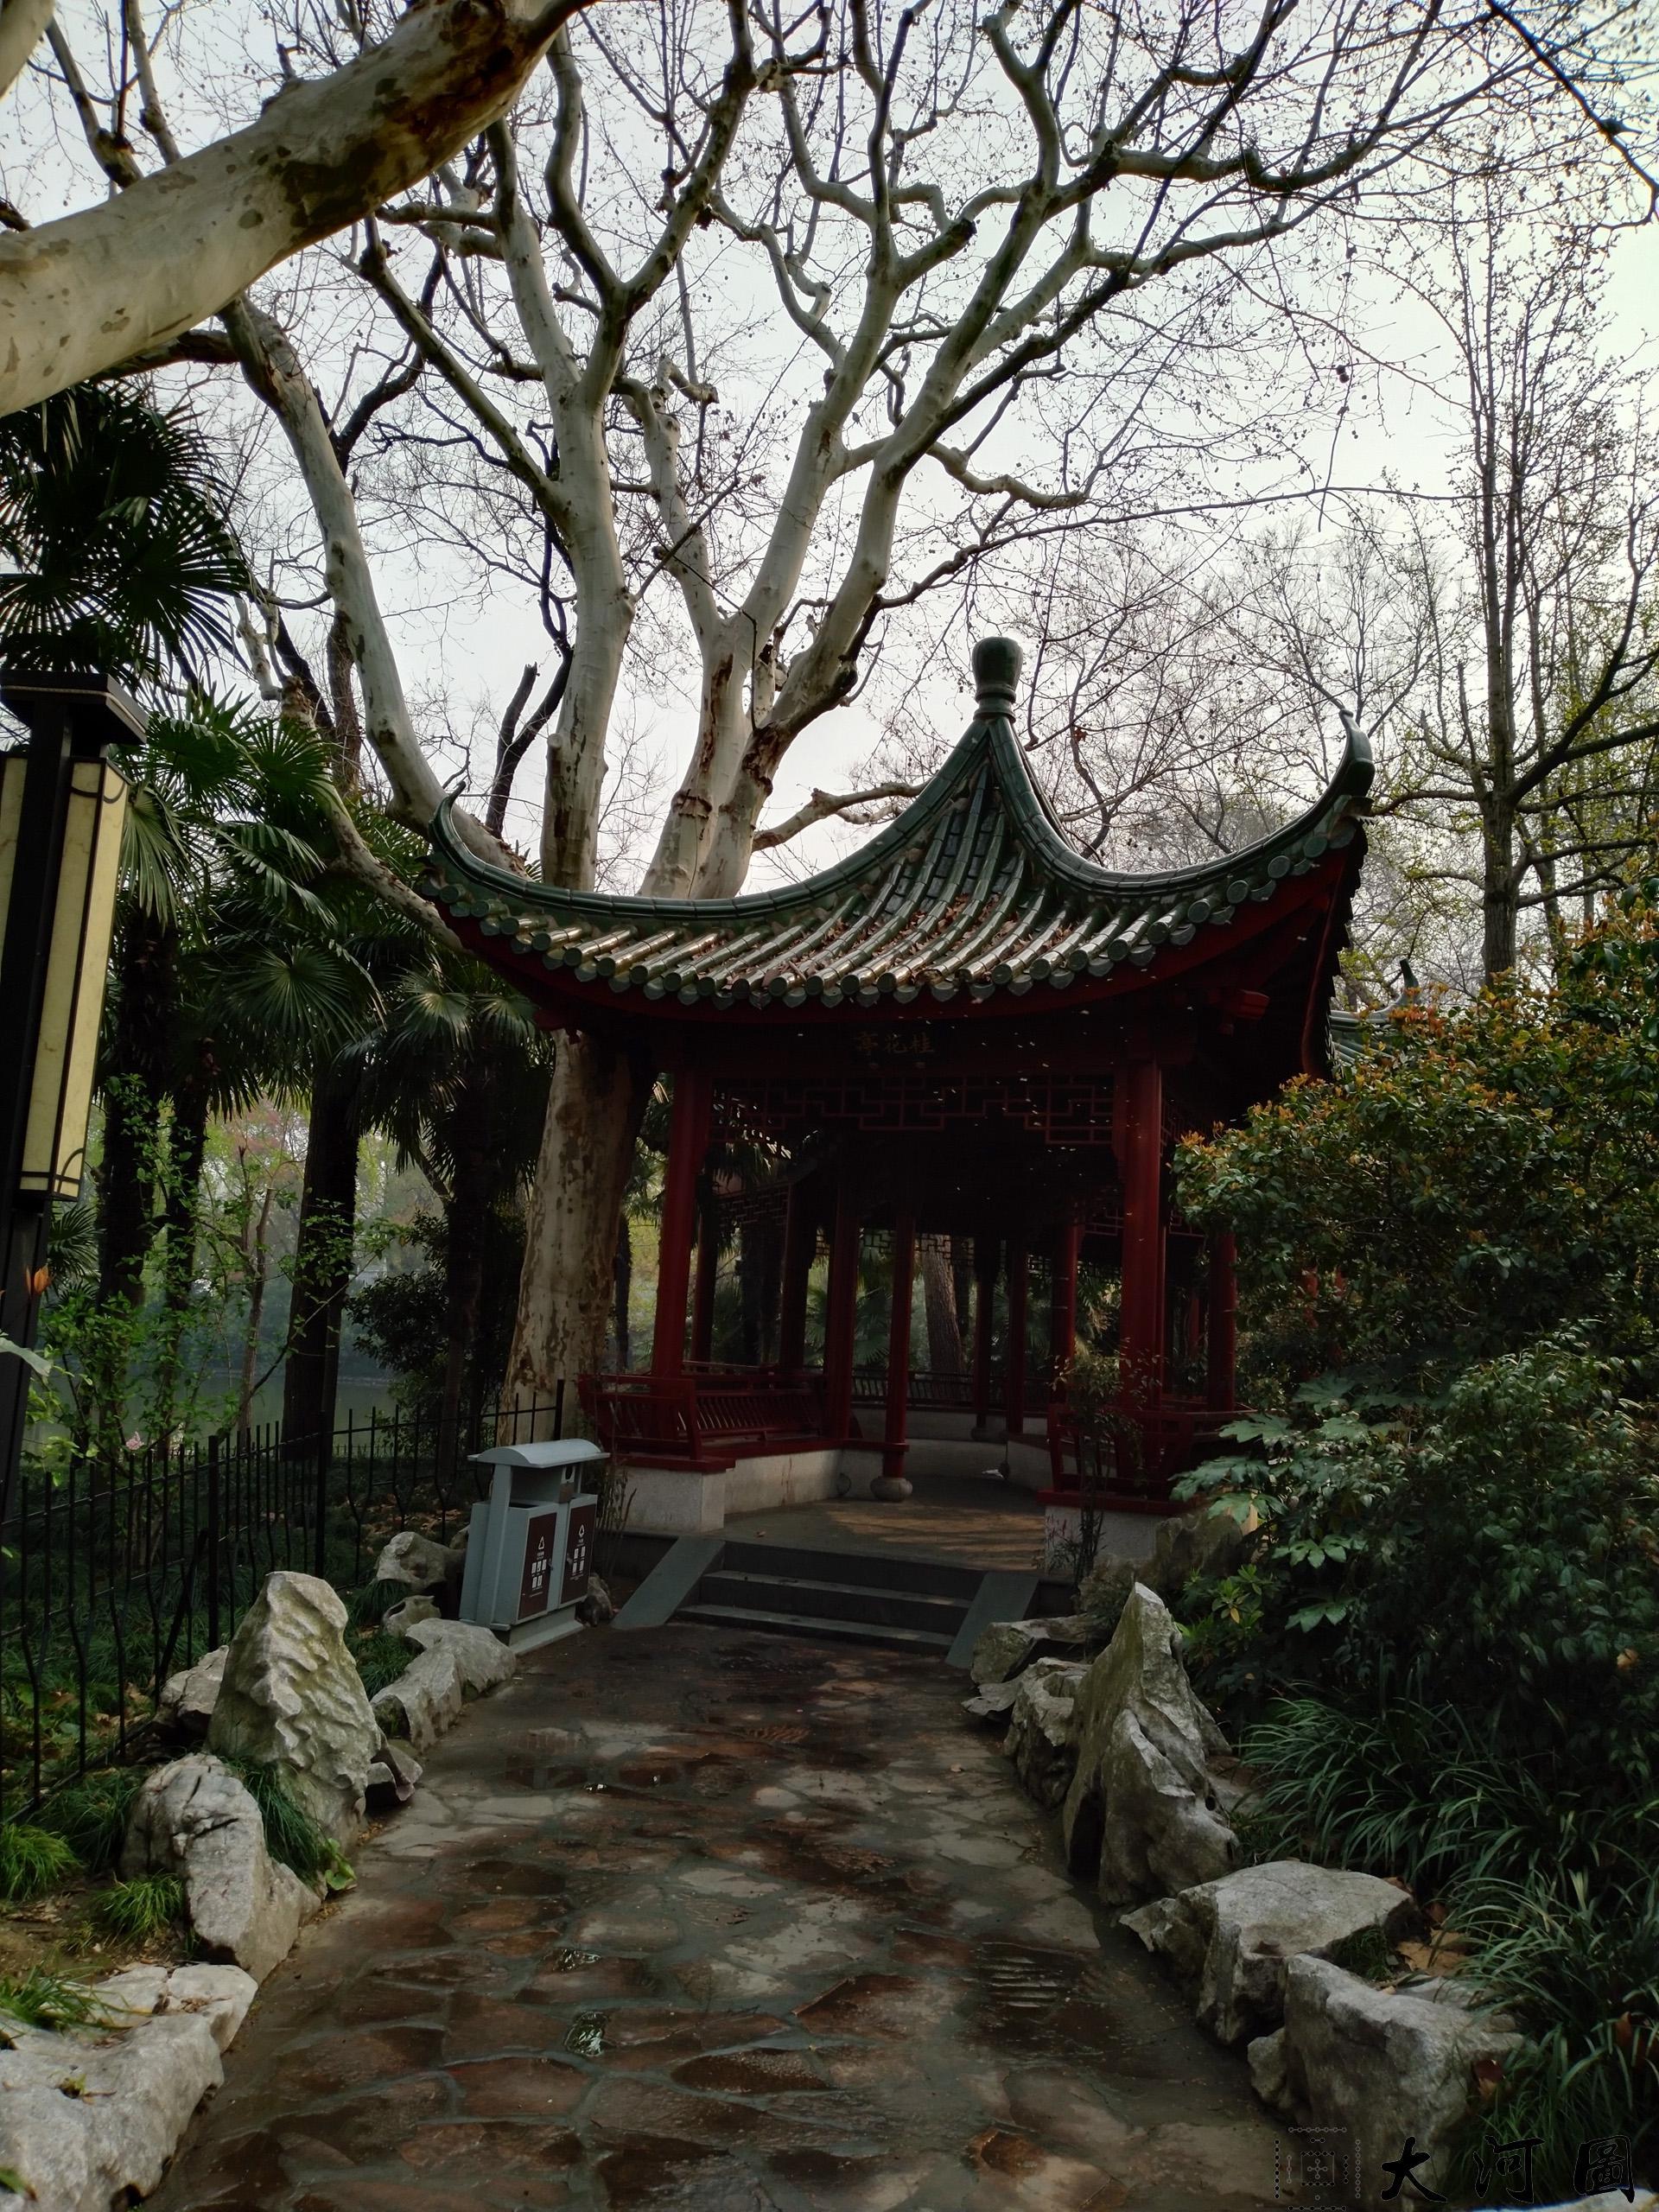 上海长风公园初春之景色幽暗灰沉 摄影 第13张